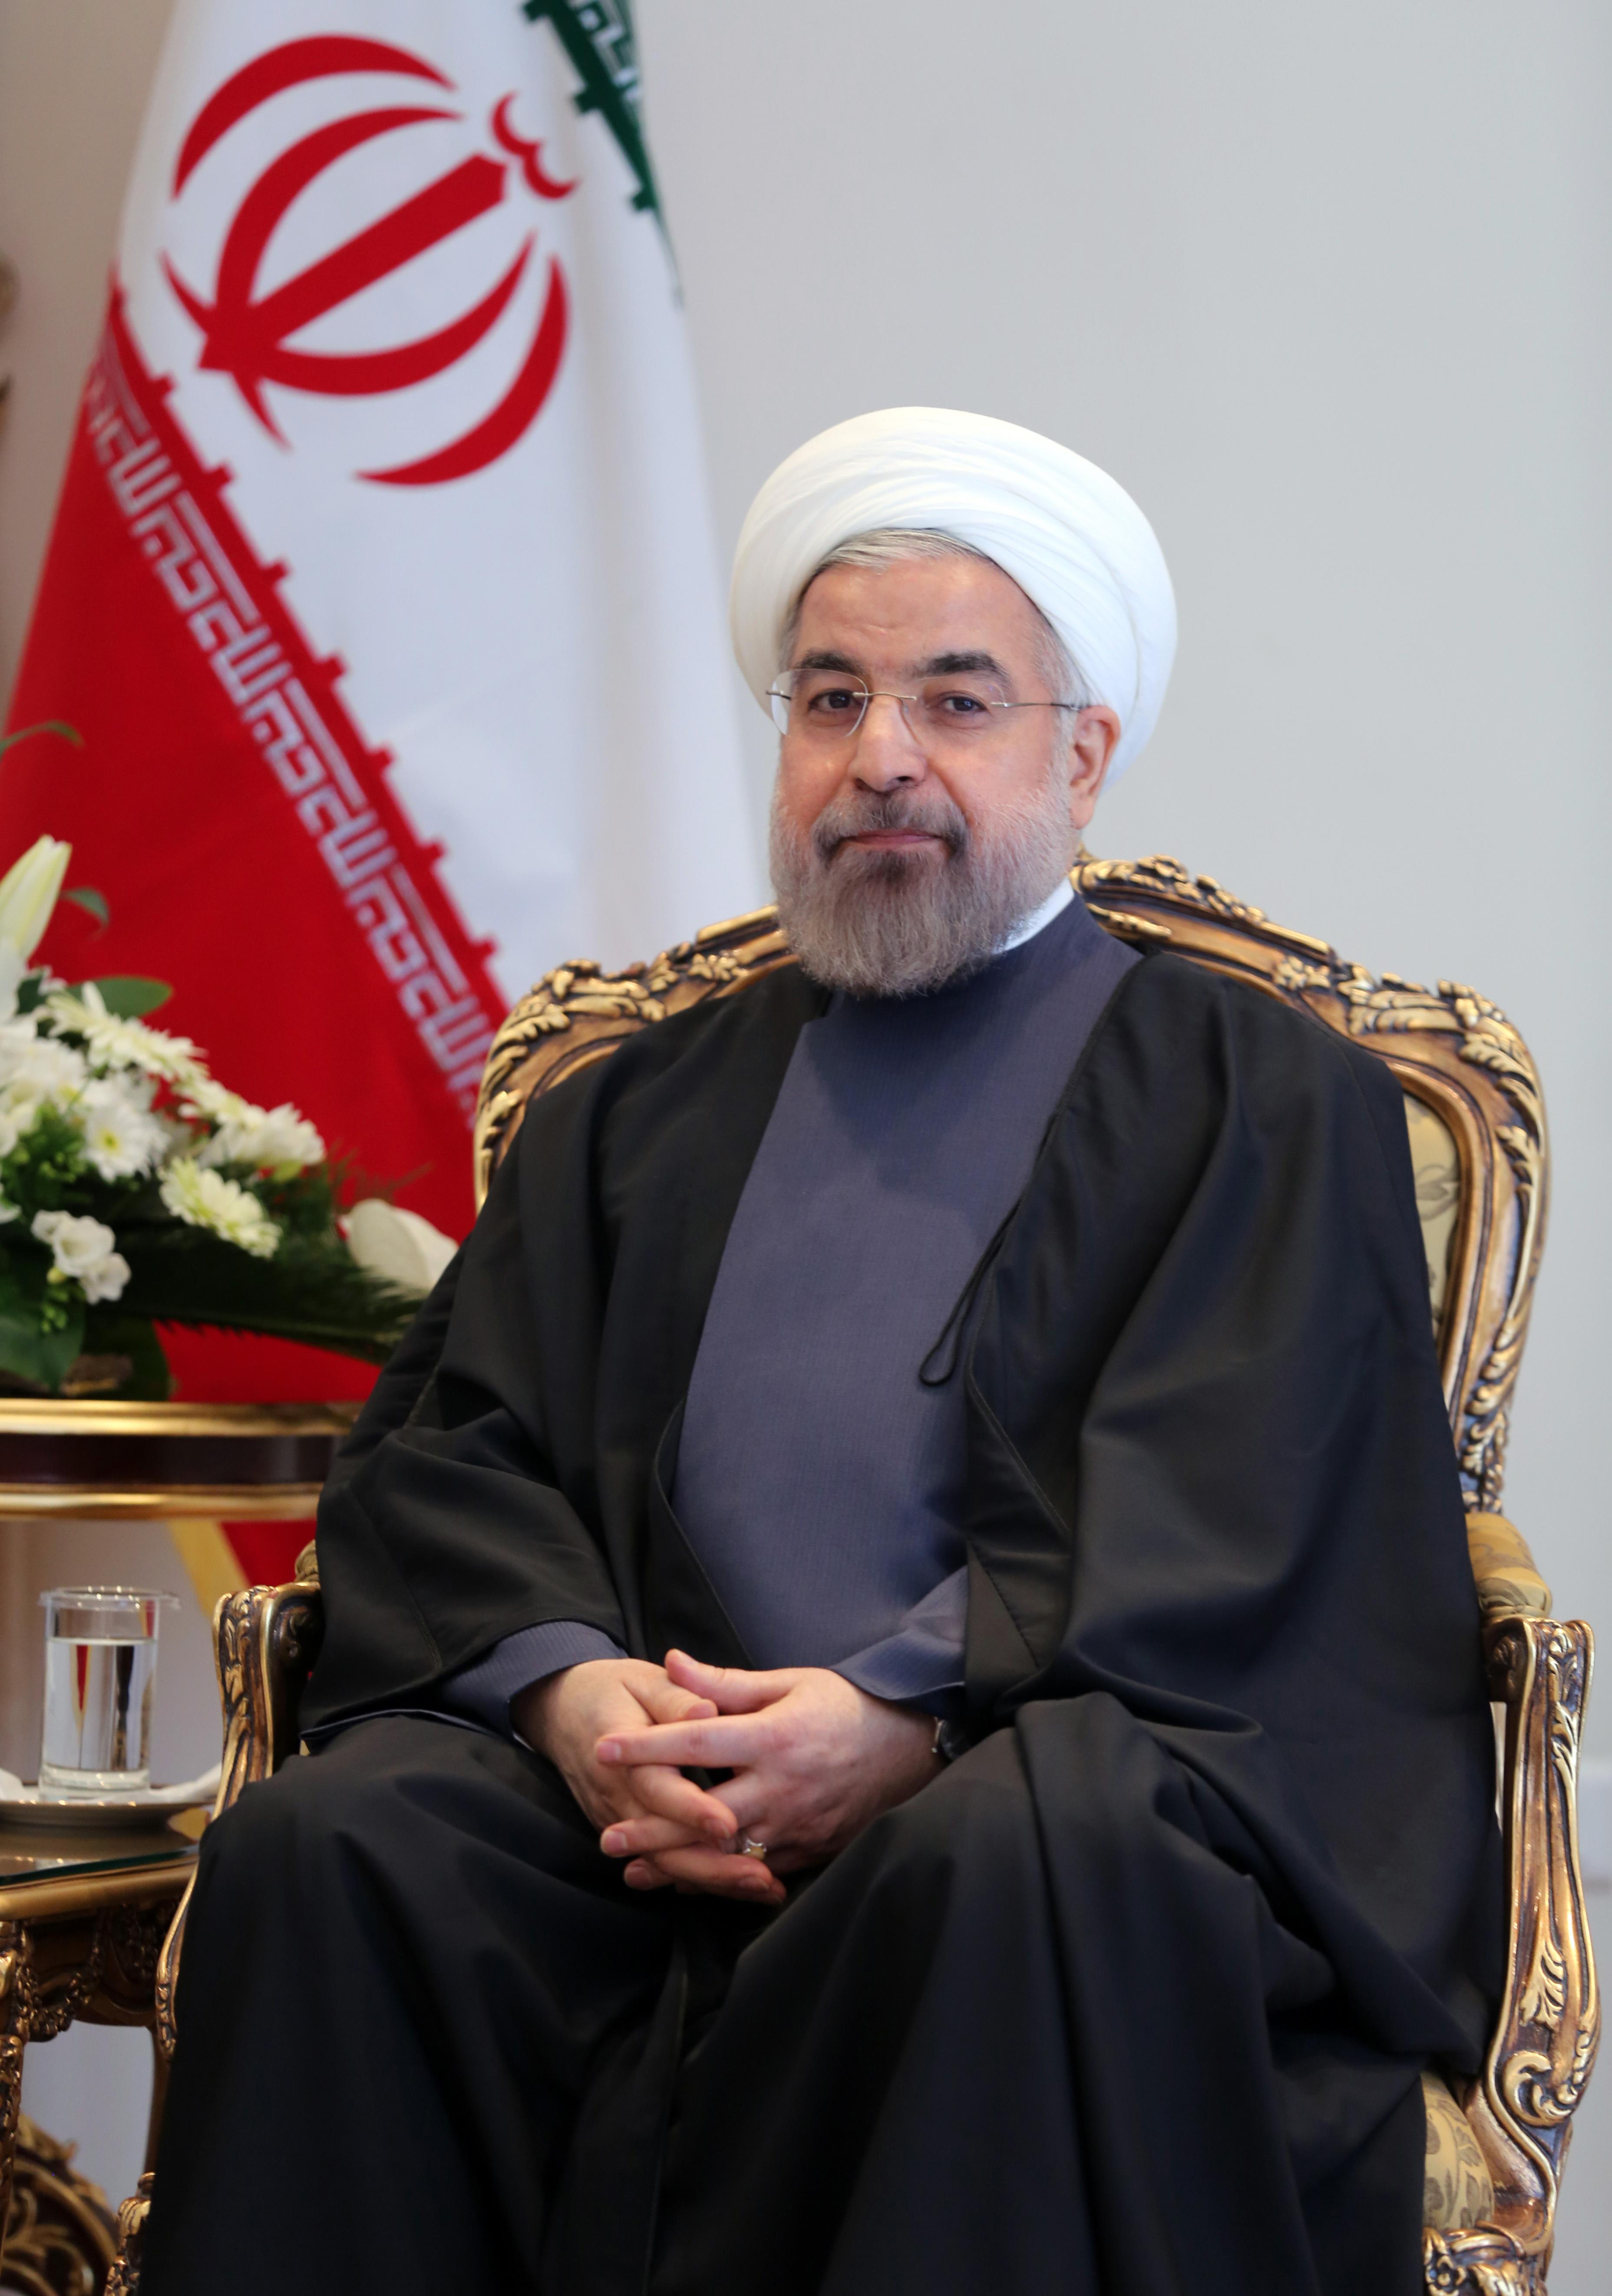 روحاني يواجه منافسيه في الانتخابات في مناظرة تلفزيونية